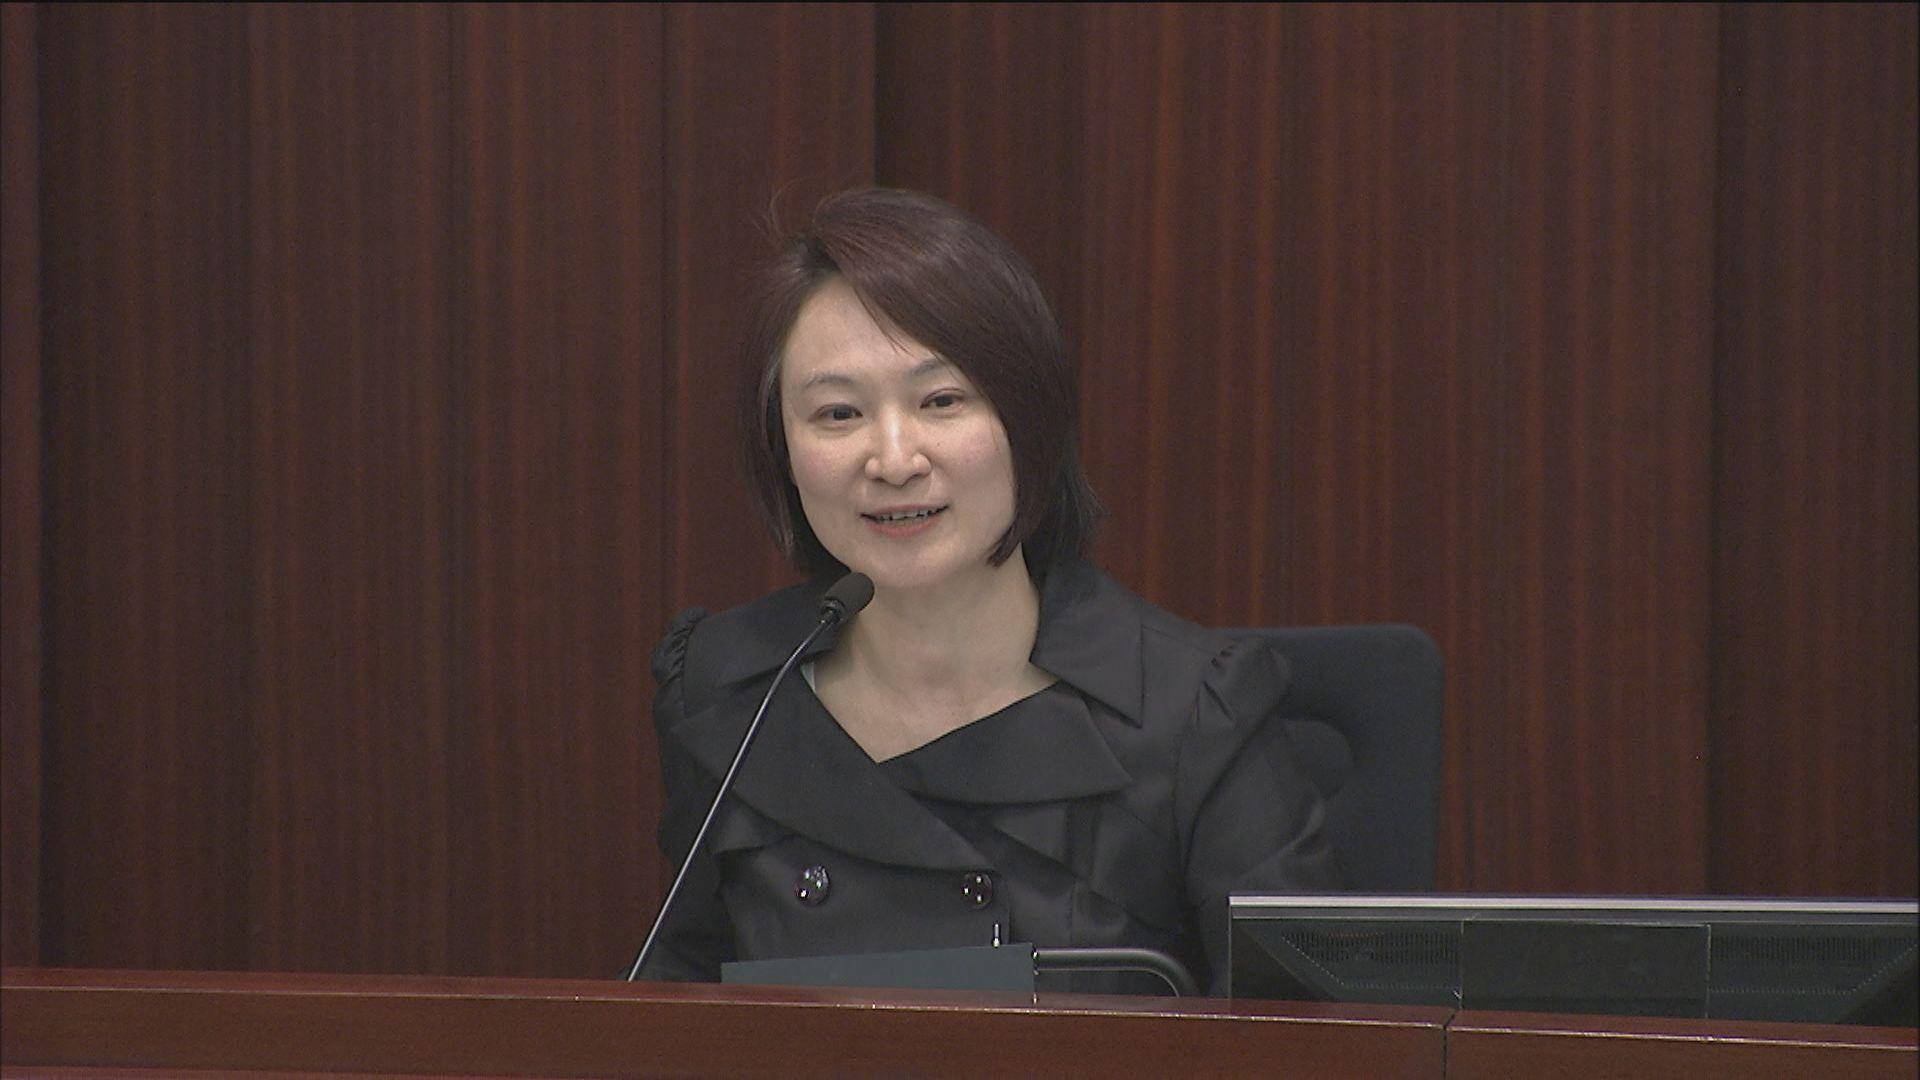 多名民主派質疑李慧琼周六召開會議不合程序